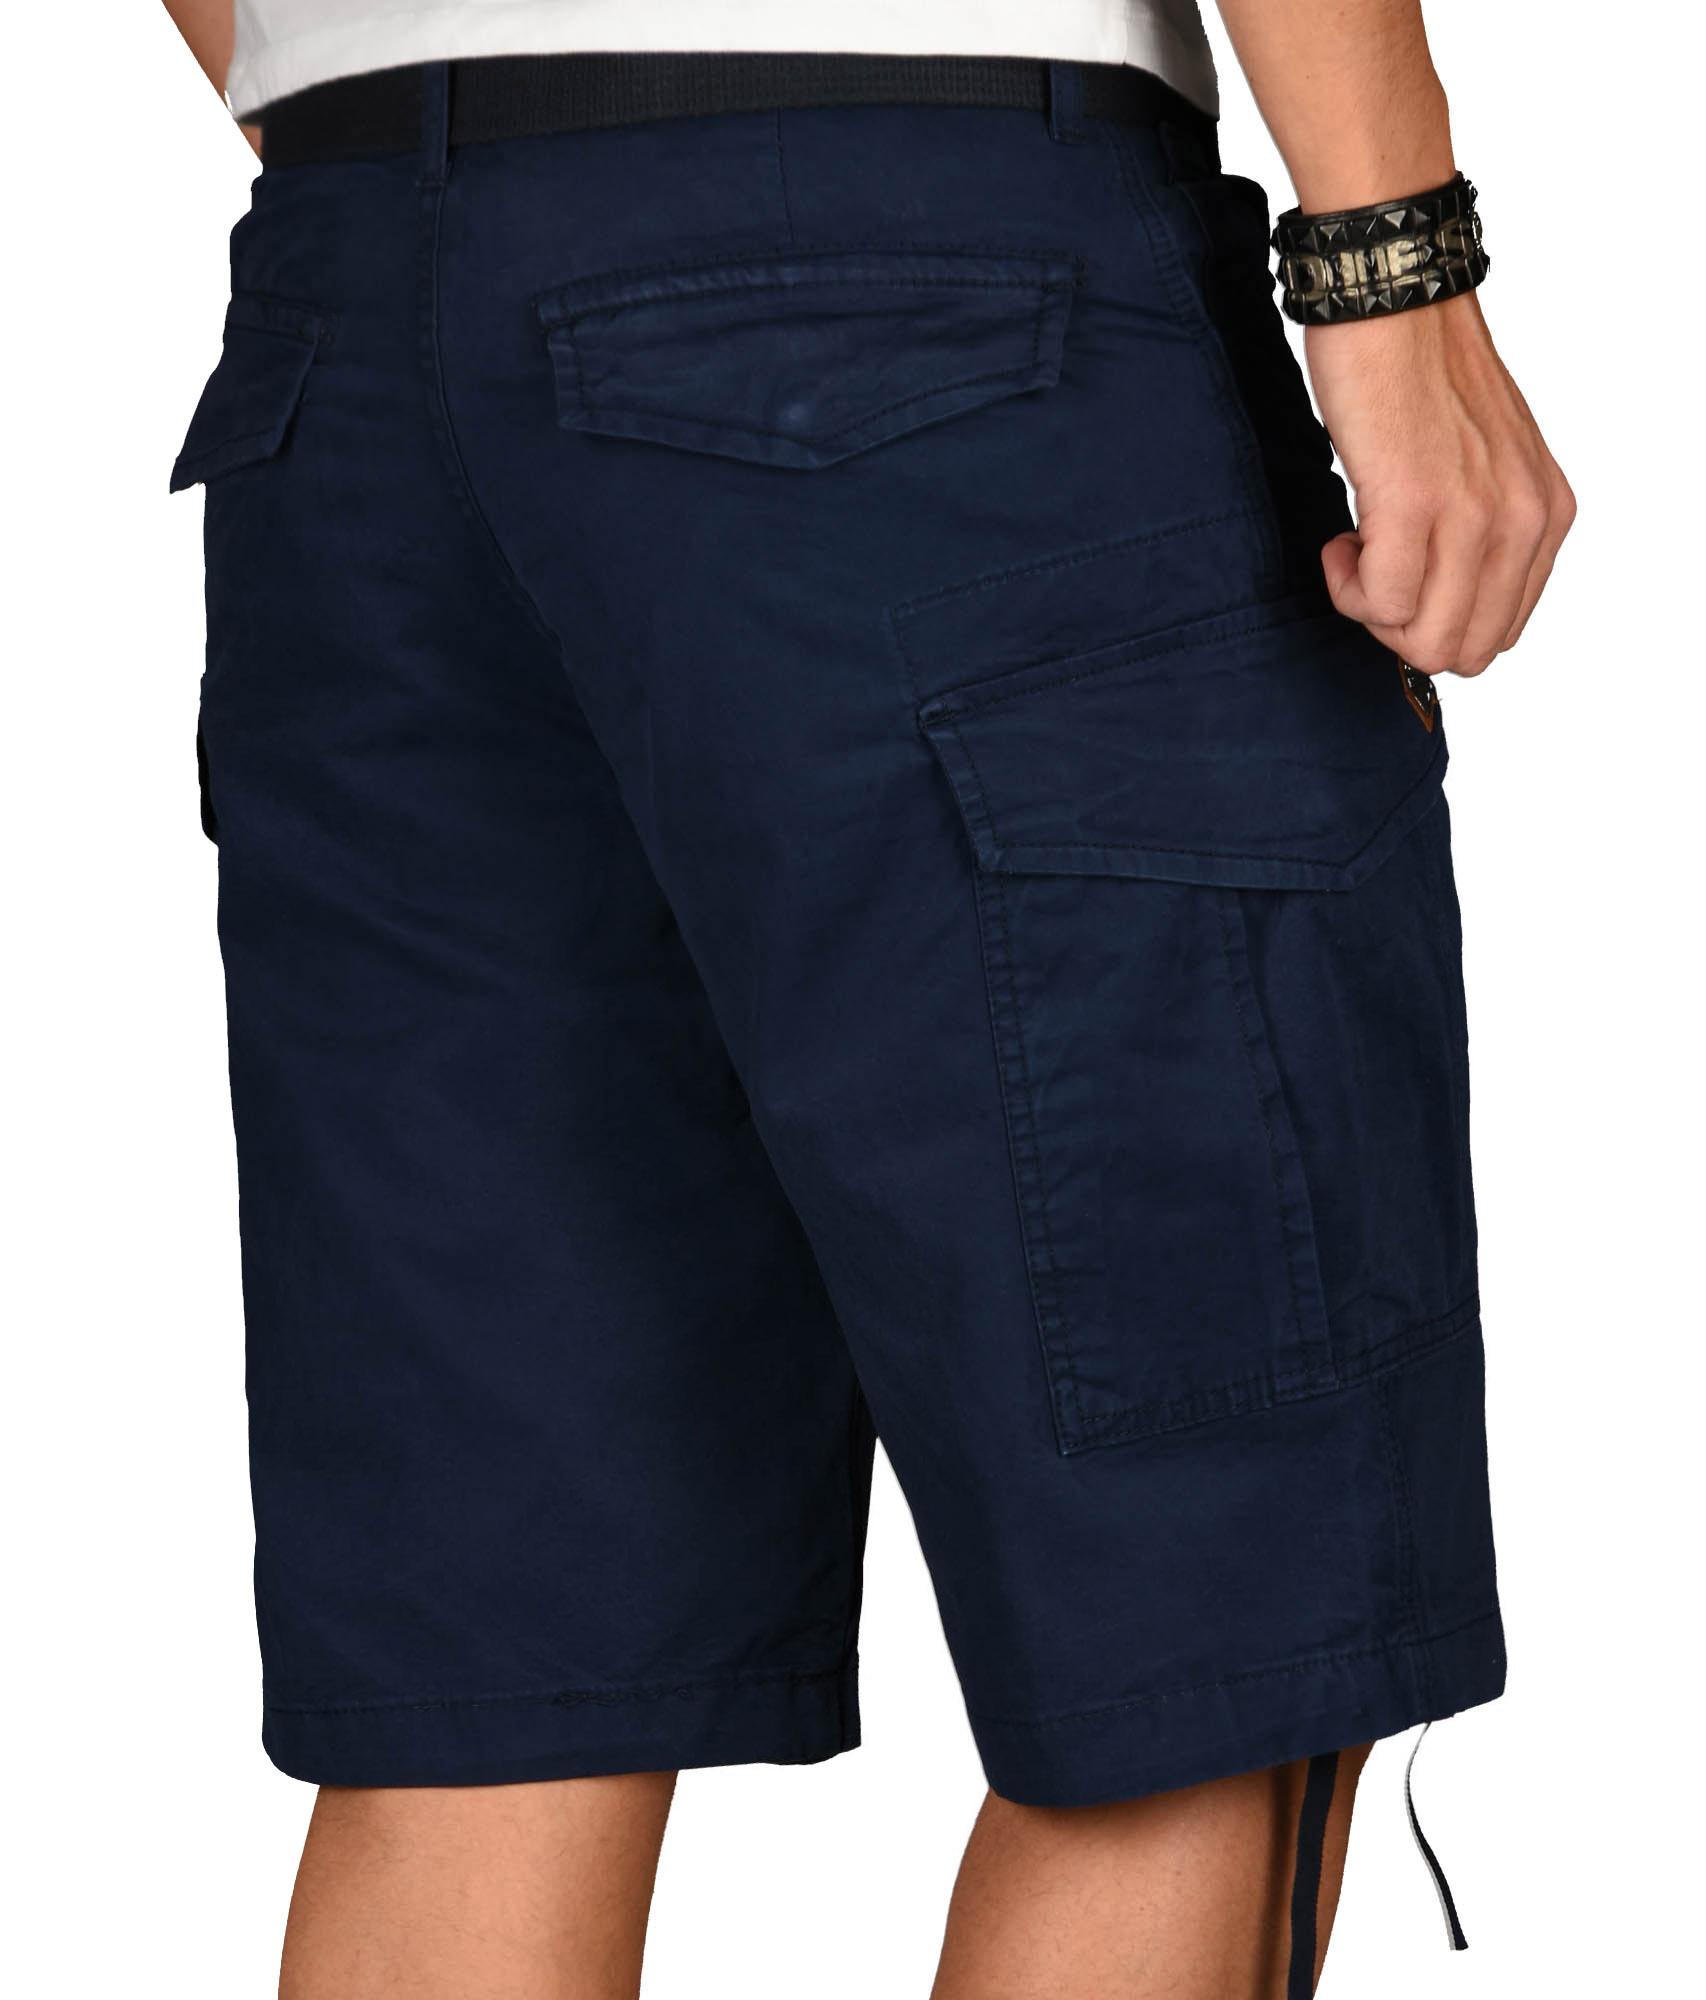 A-Salvarini-Herren-Comfort-Cargo-Shorts-Cargoshorts-kurze-Hose-Guertel-AS133-NEU Indexbild 20